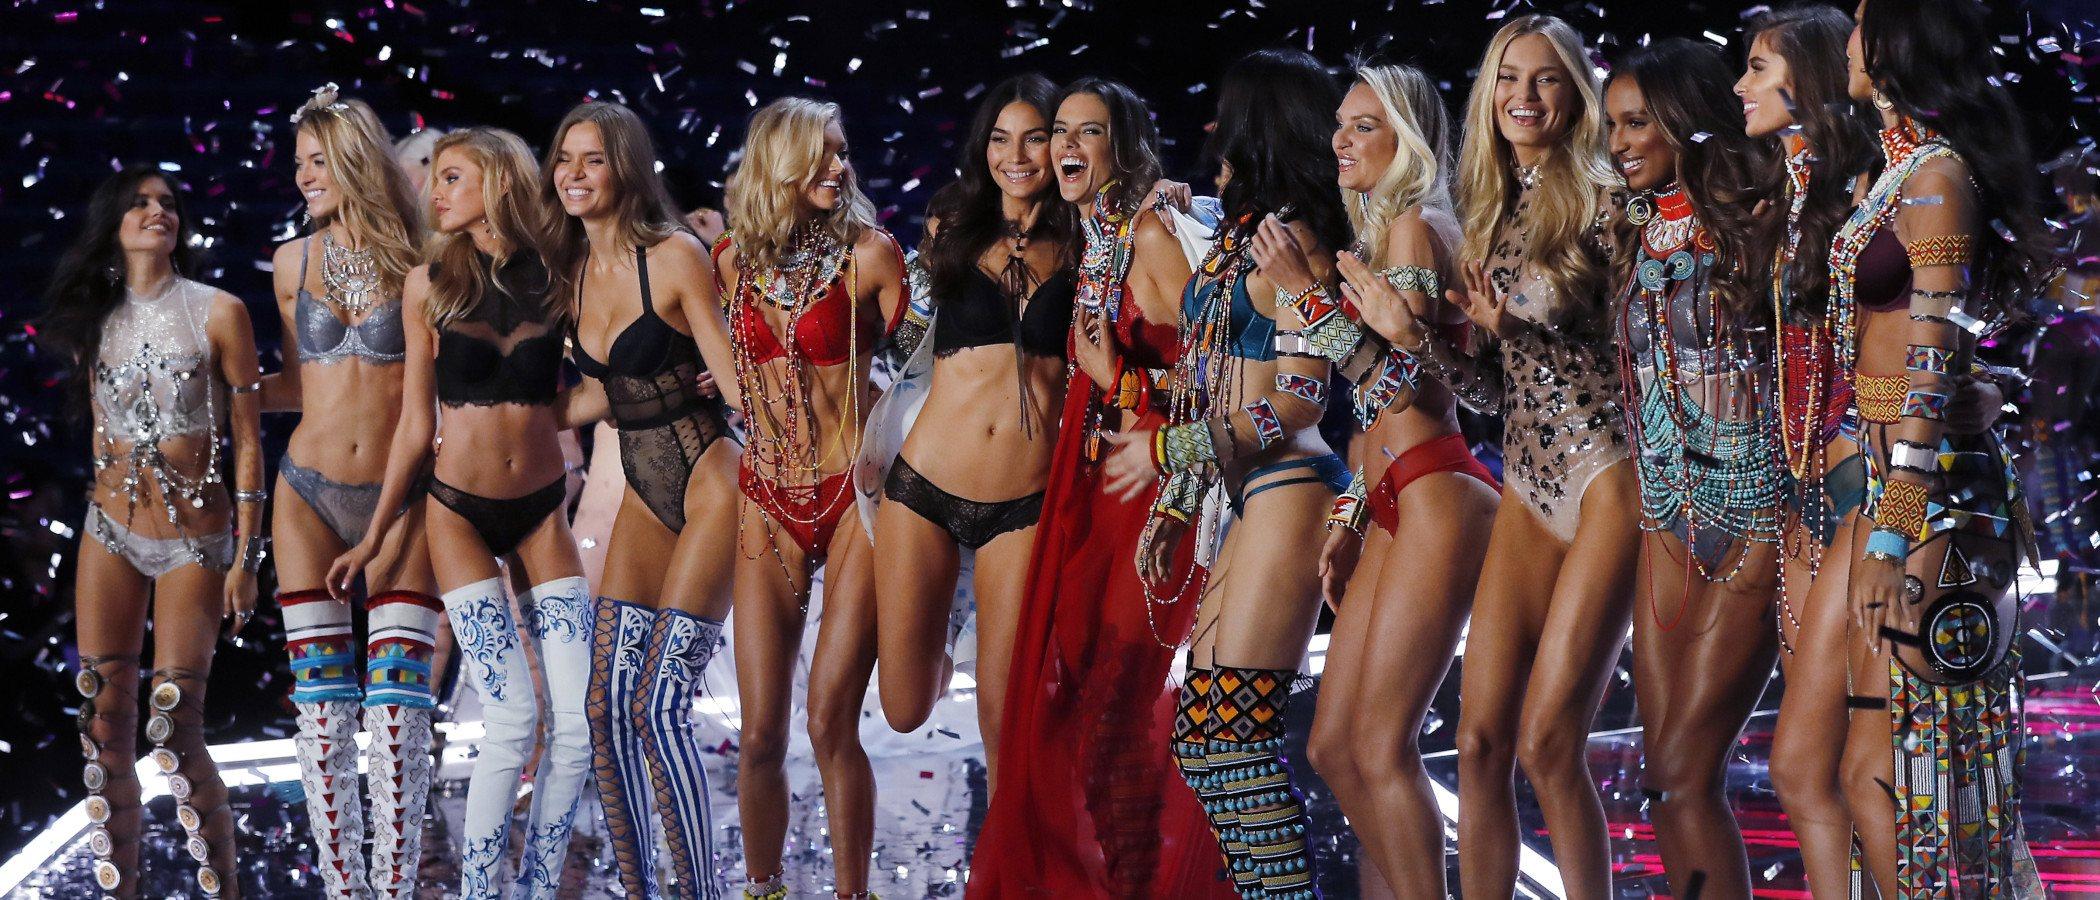 El desfile de 2019 de Victoria's Secret ya no podrá seguirse por televisión